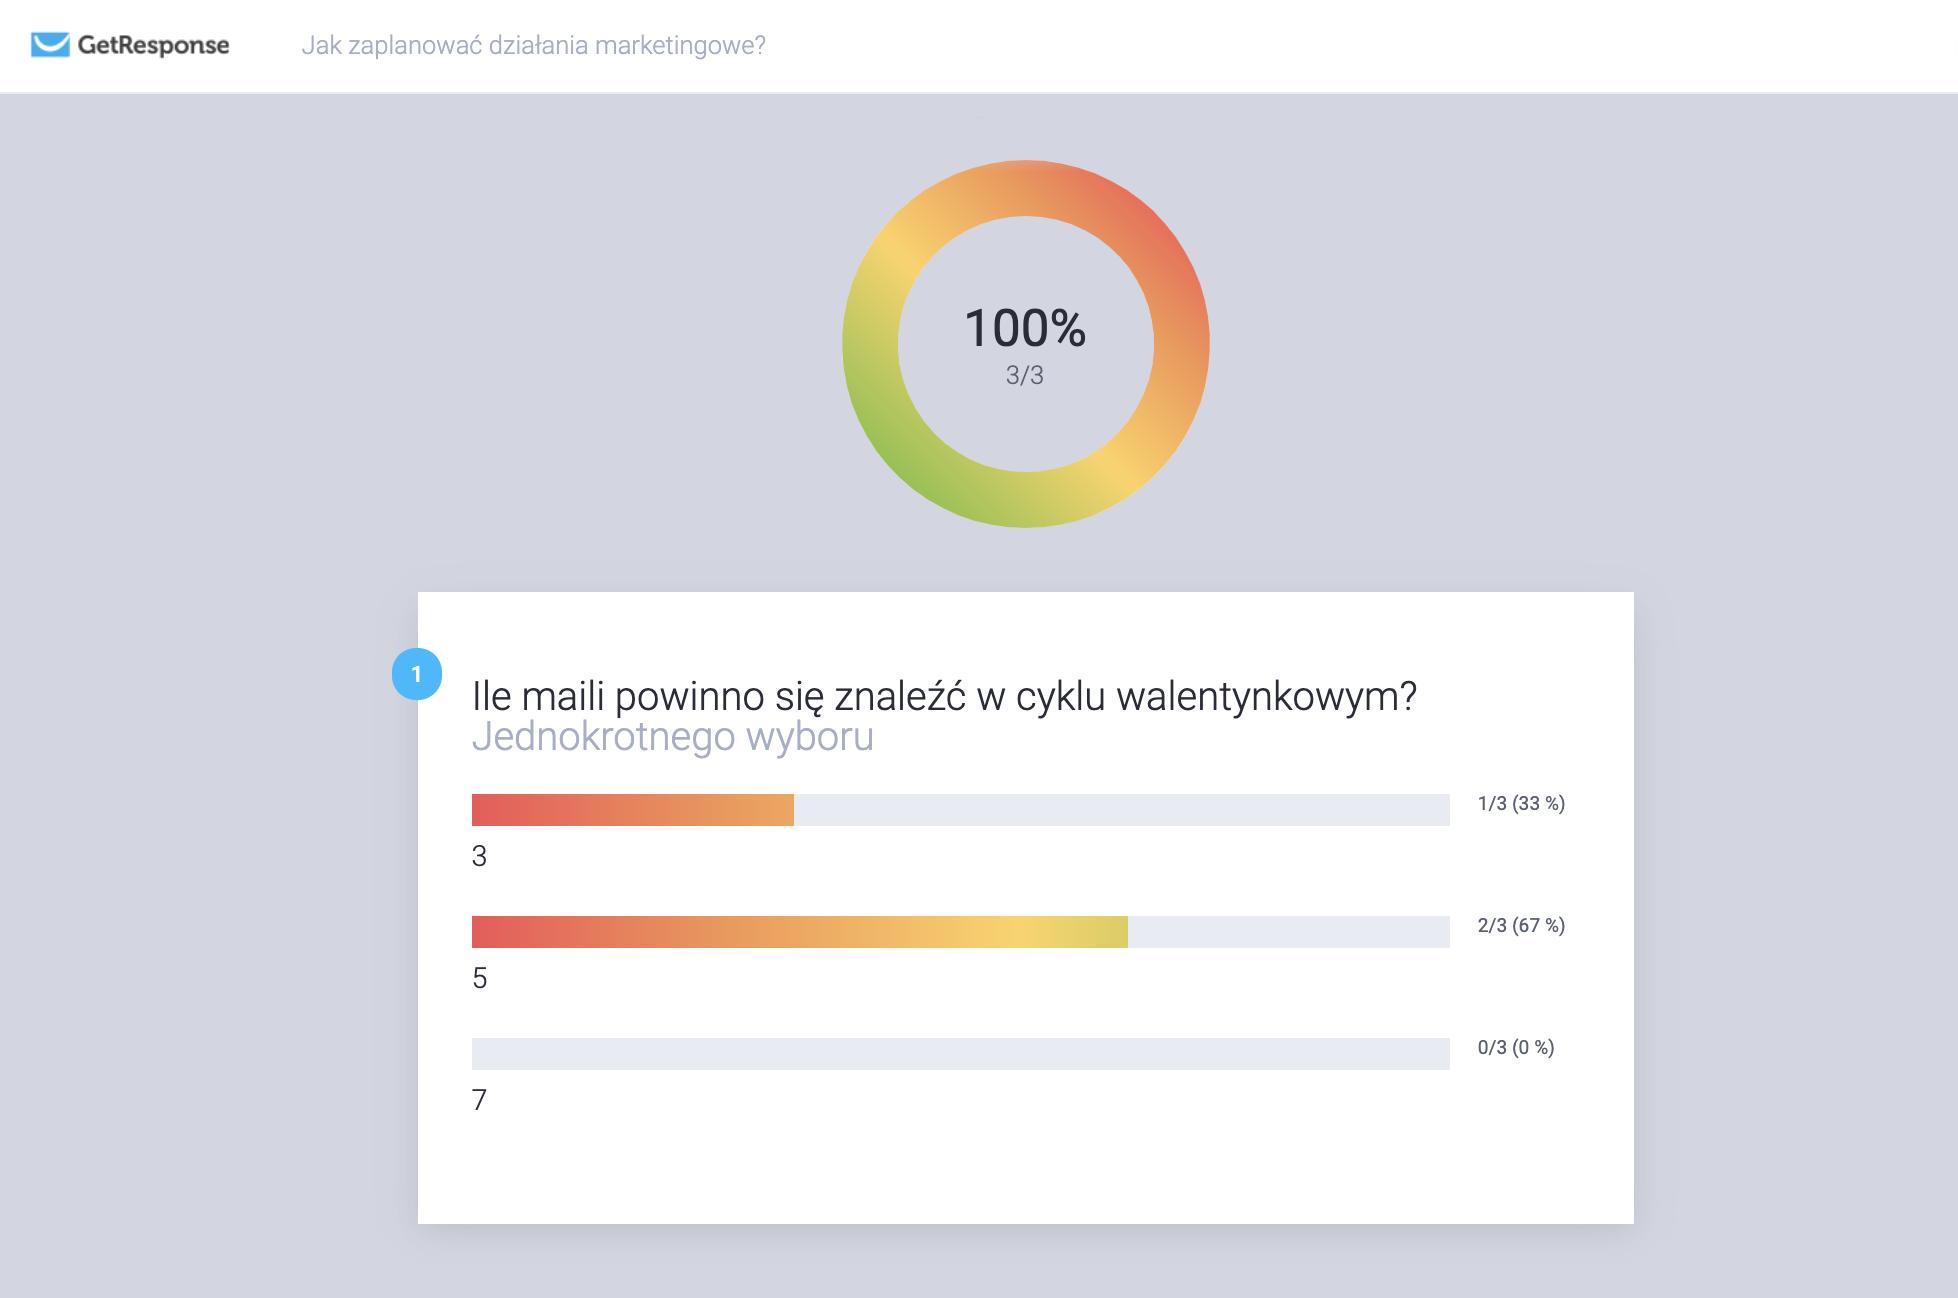 Ankieta stworzona podczas webinaru GetResponse